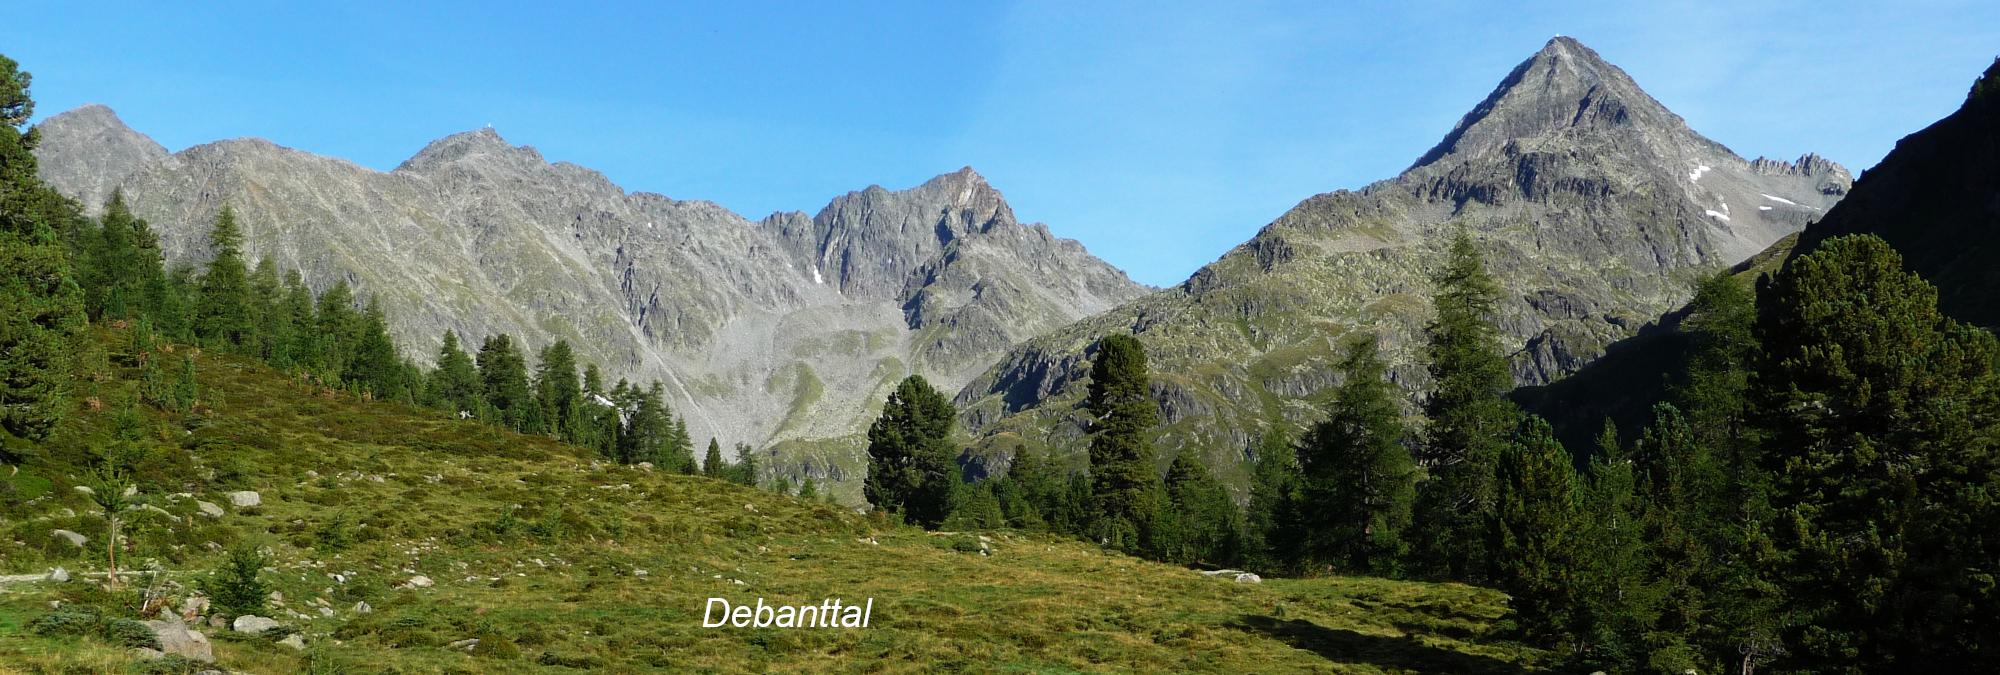 debanttal1-textD953E508-9D5C-E05F-8842-55B86FB8C071.jpg